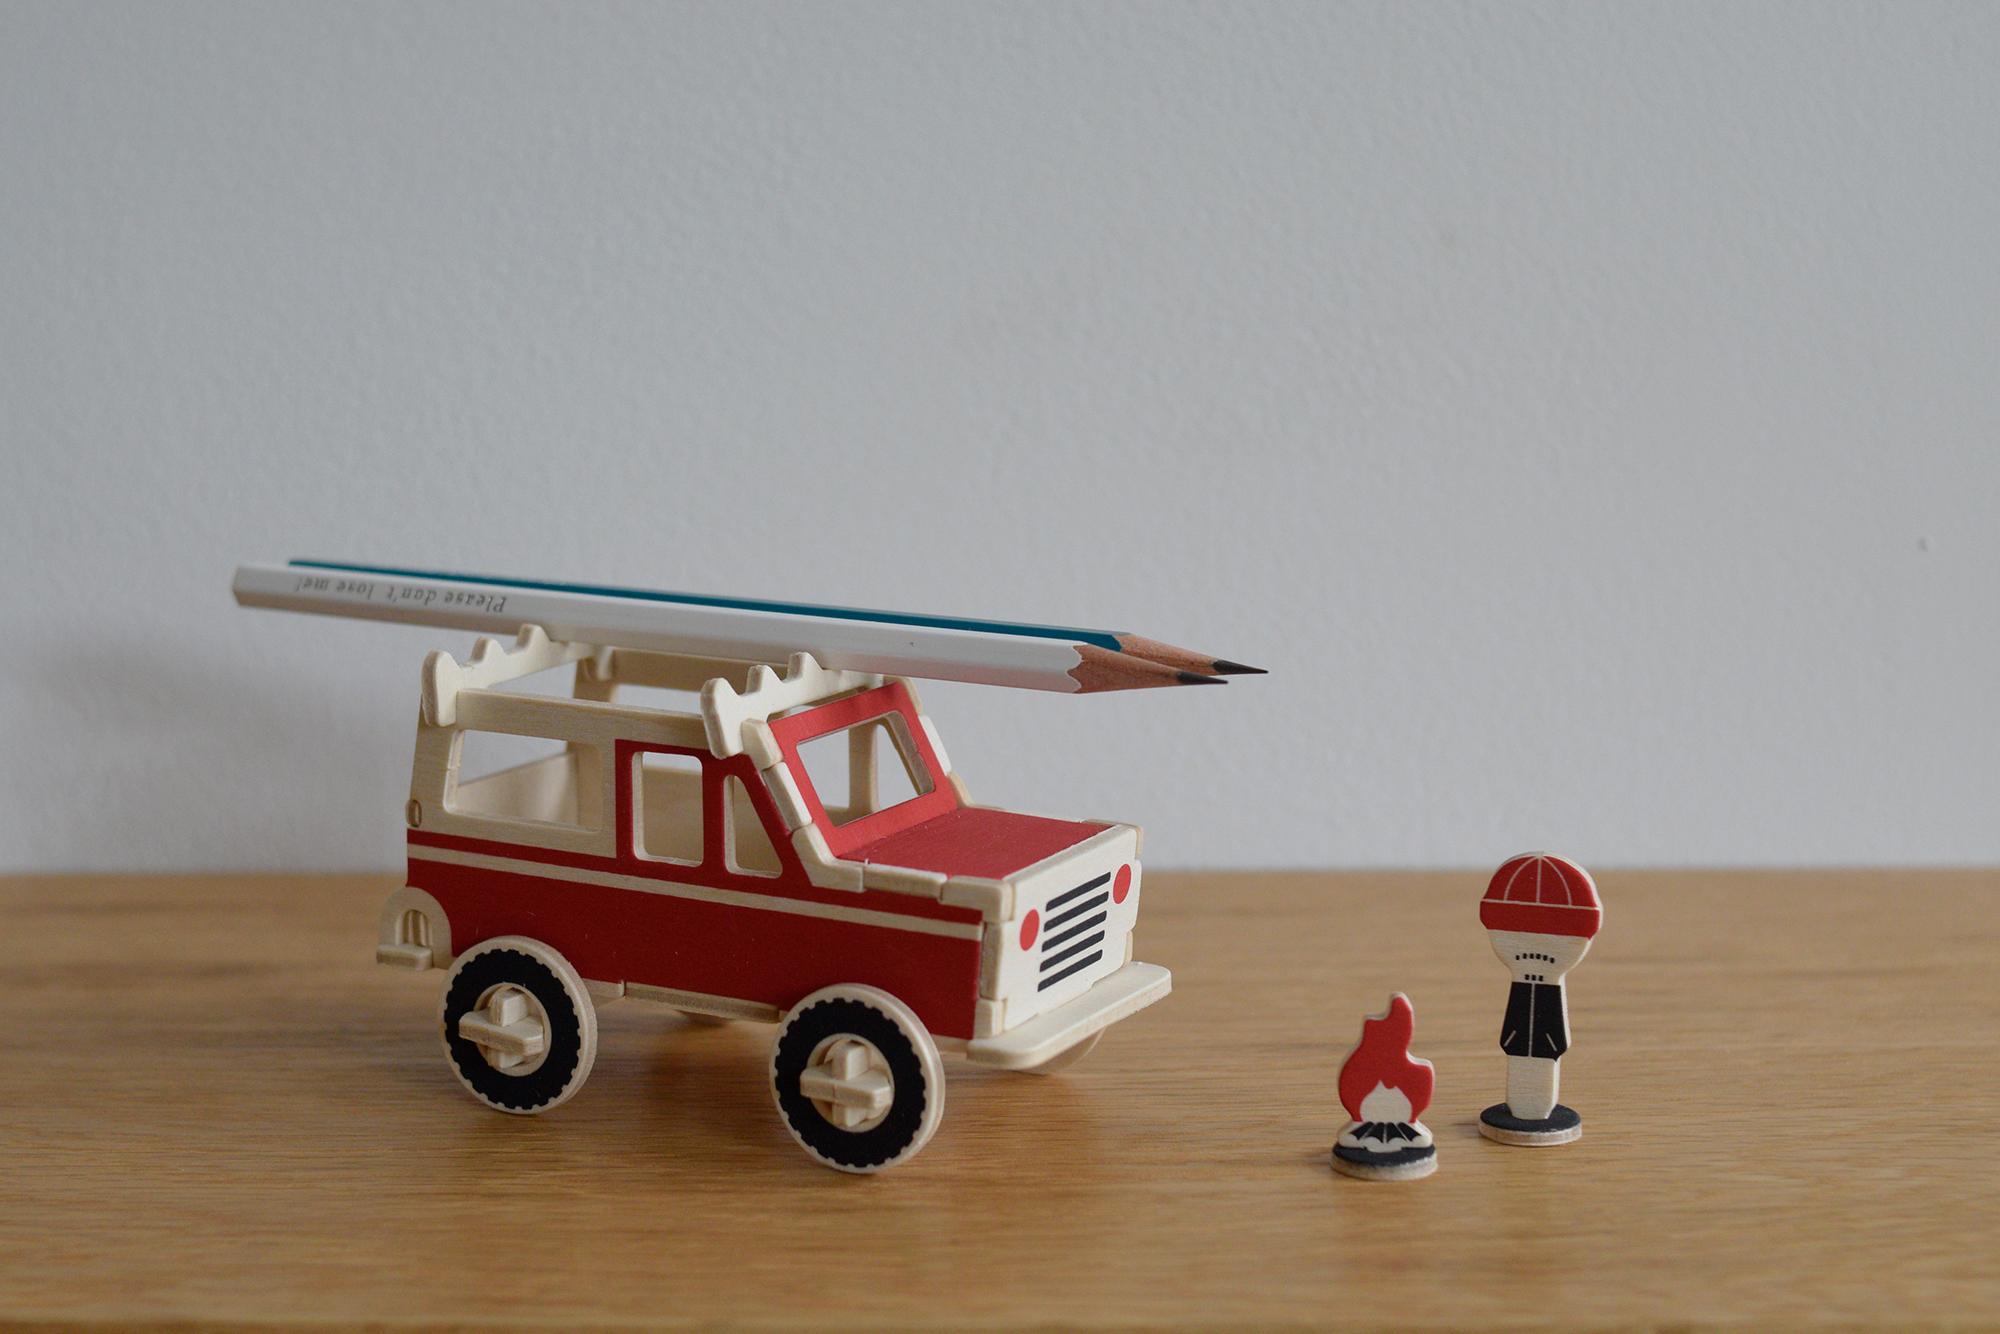 PLAY-DEKO ビークル SUV。ルーフキャリアにペンを置くことが出来、トランクを開けて小物を入れられます。 現代社会という荒野を行く大人たちに。